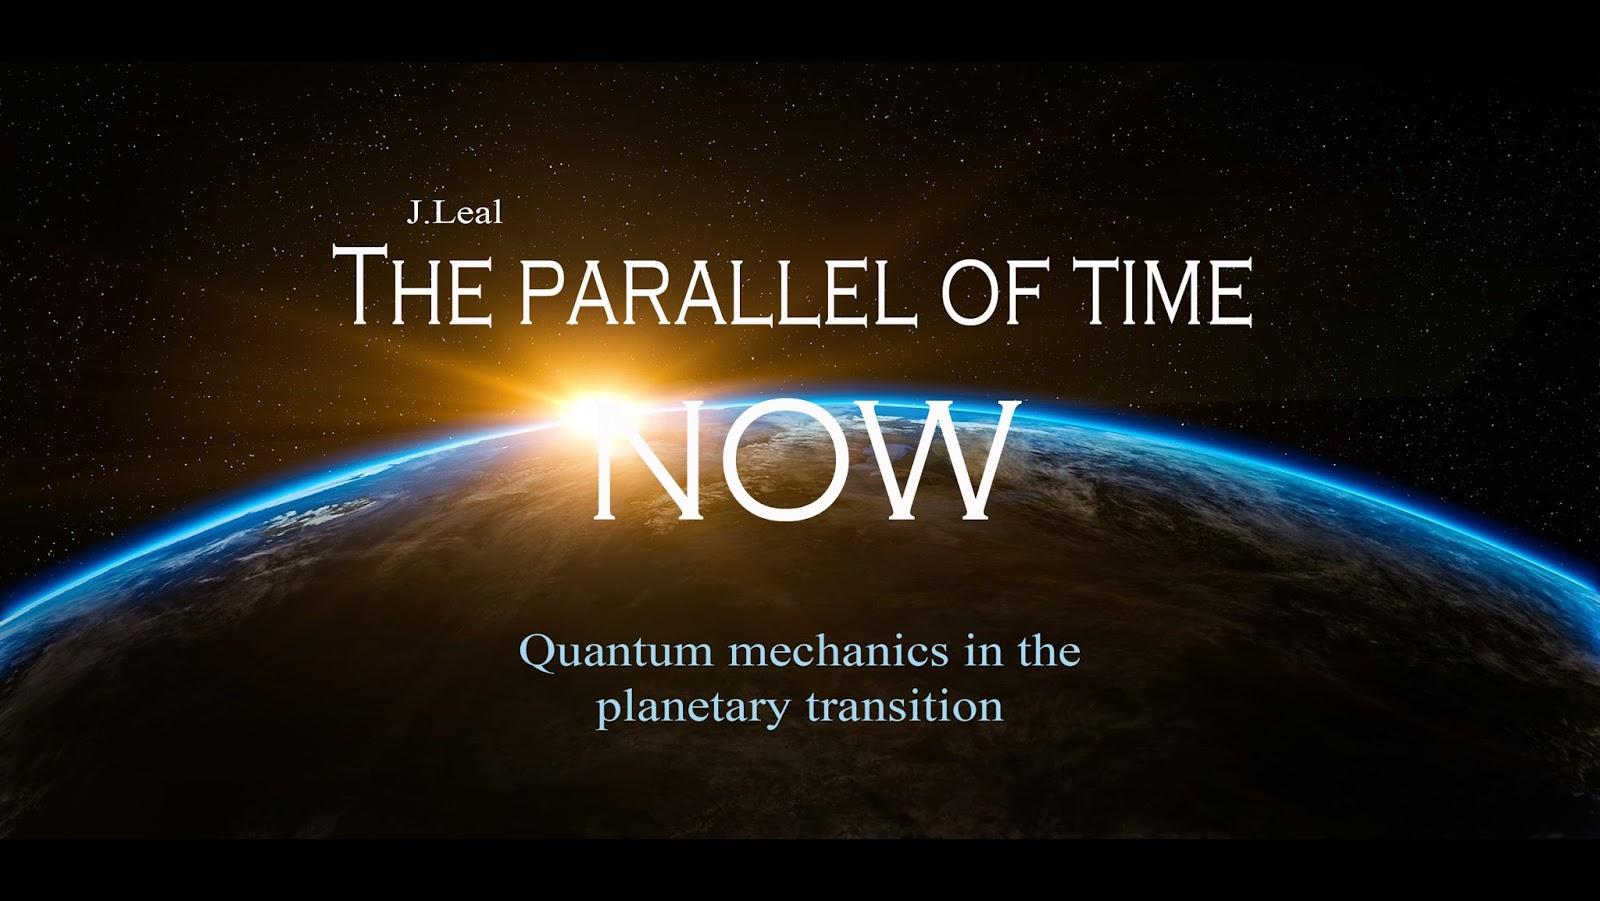 J leal the parallel of time now quantum mechanics in the planetary interessante observar a que ponto a mudana do planeta vem levando esta humanidade cinquenta porcento voltados ao mal cinquenta voltados ao bem e um fandeluxe Choice Image